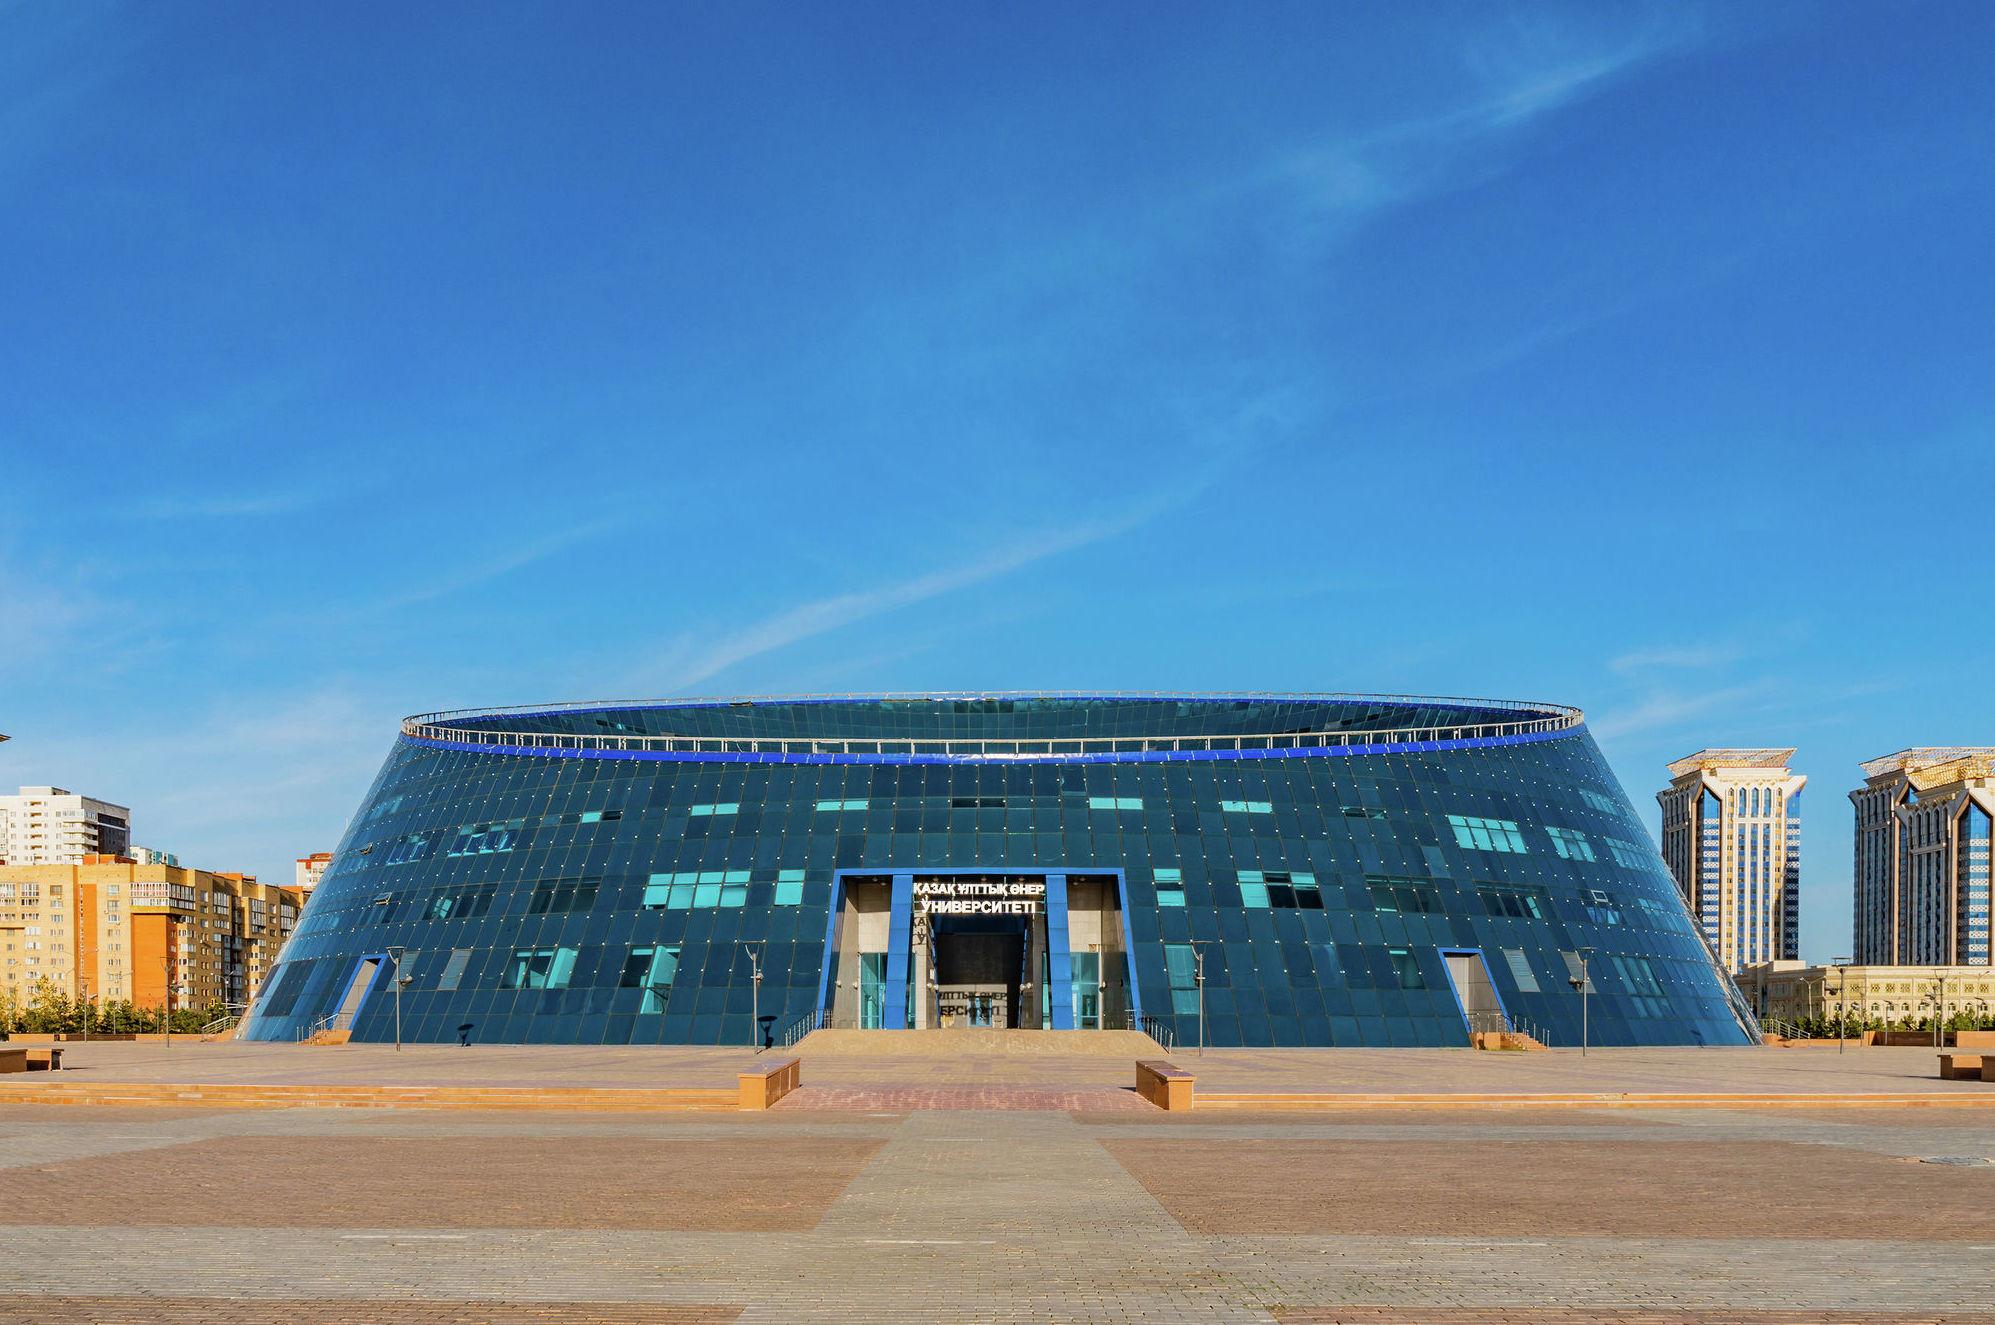 Казахский национальный университет искусств в Нур-султане